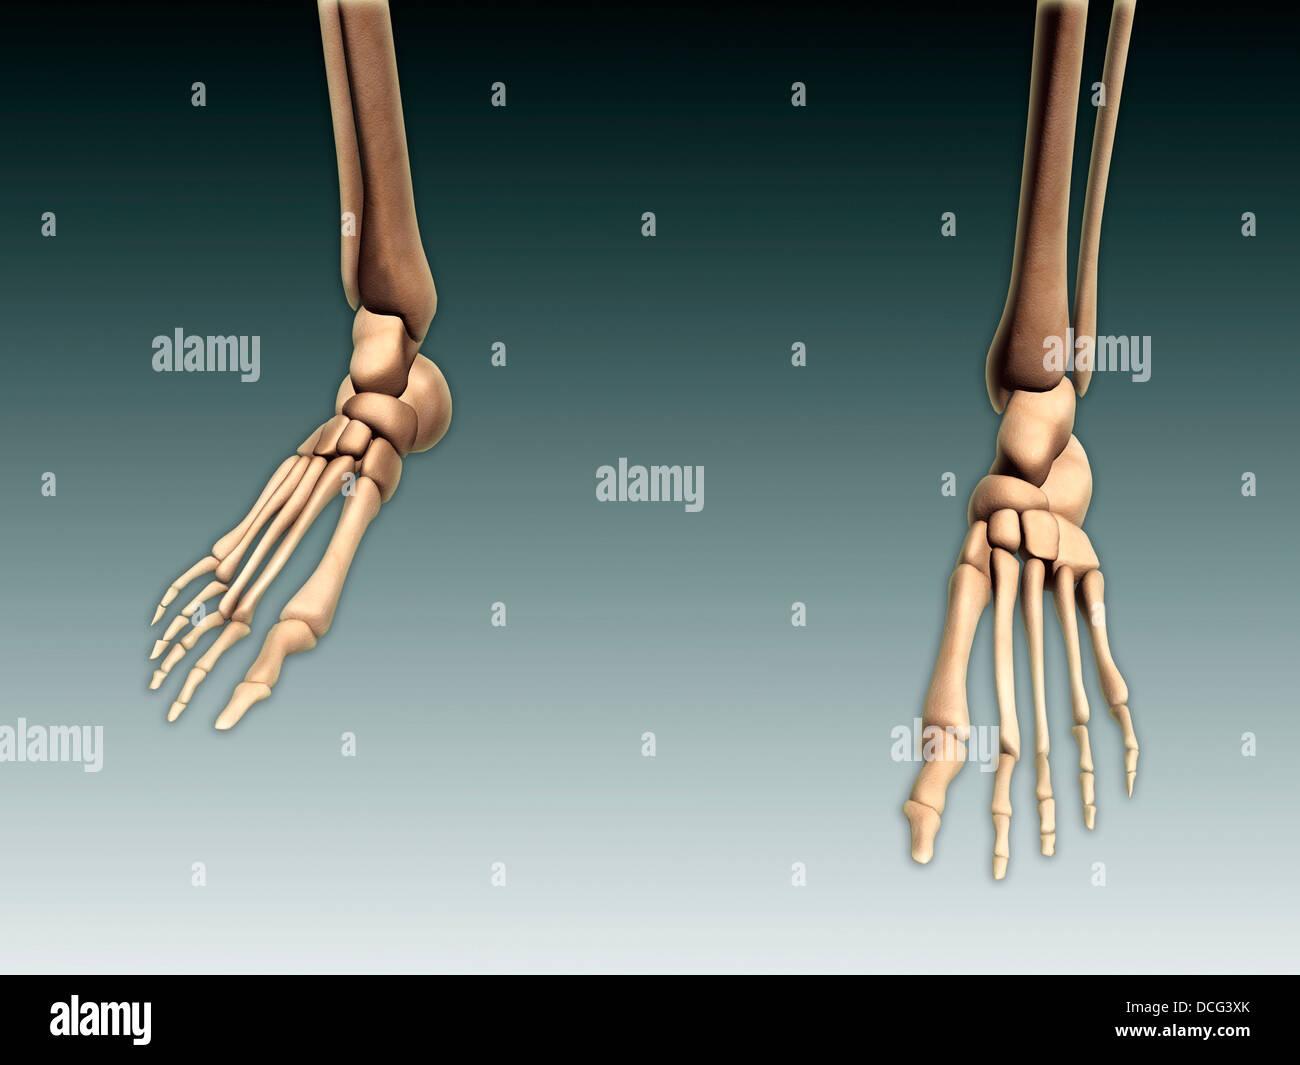 Human Foot Anatomy Imágenes De Stock & Human Foot Anatomy Fotos De ...